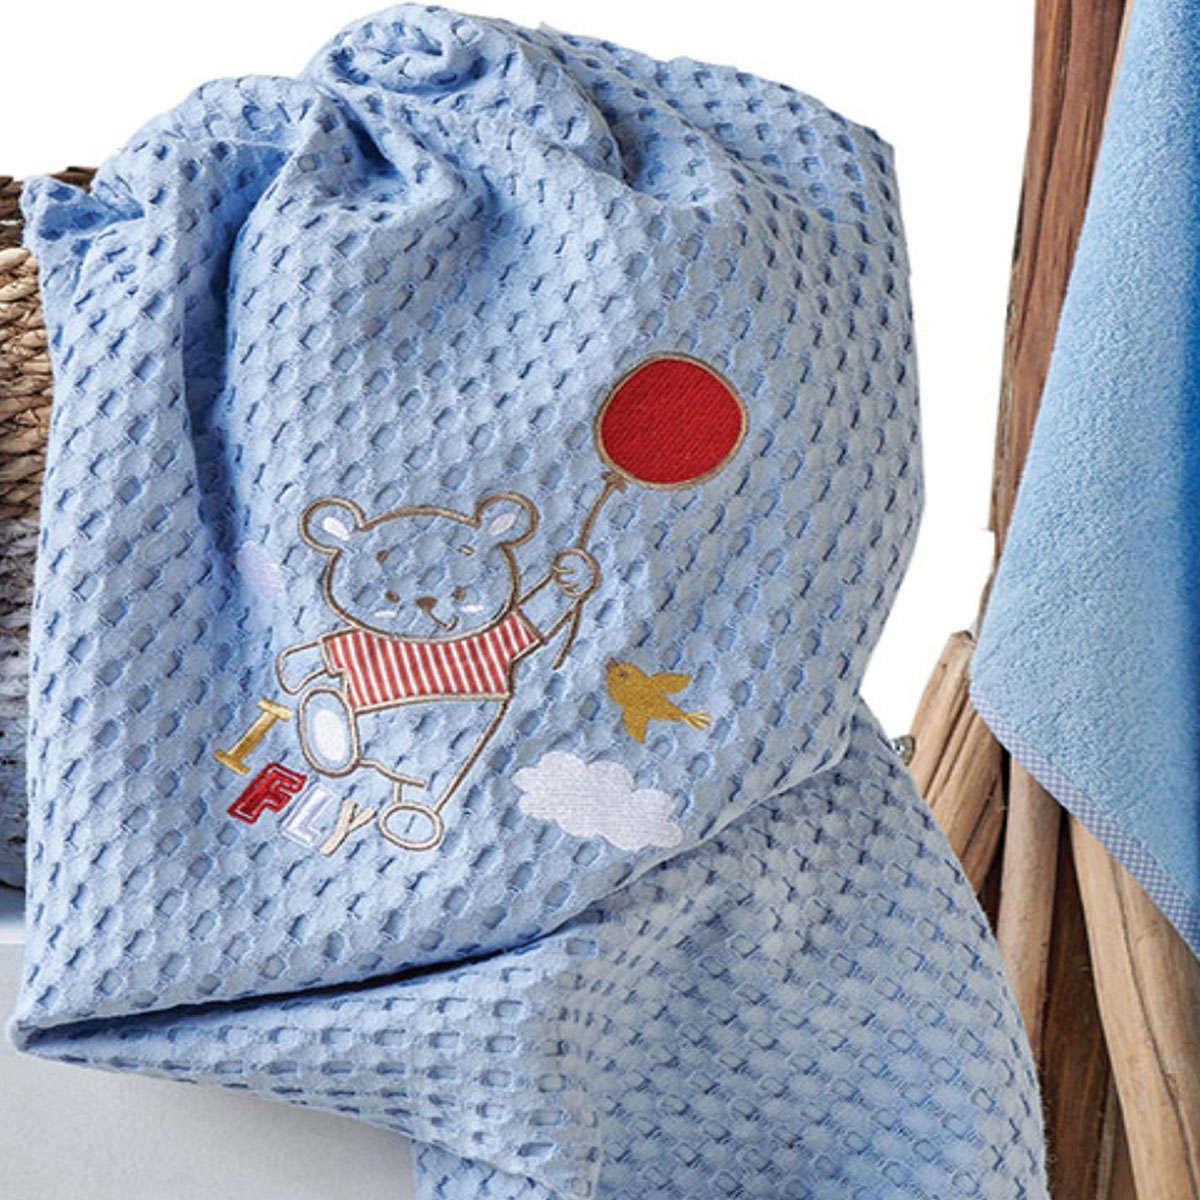 Βρεφική Κουβέρτα Balloon Blue Kentia Κούνιας 100x140cm